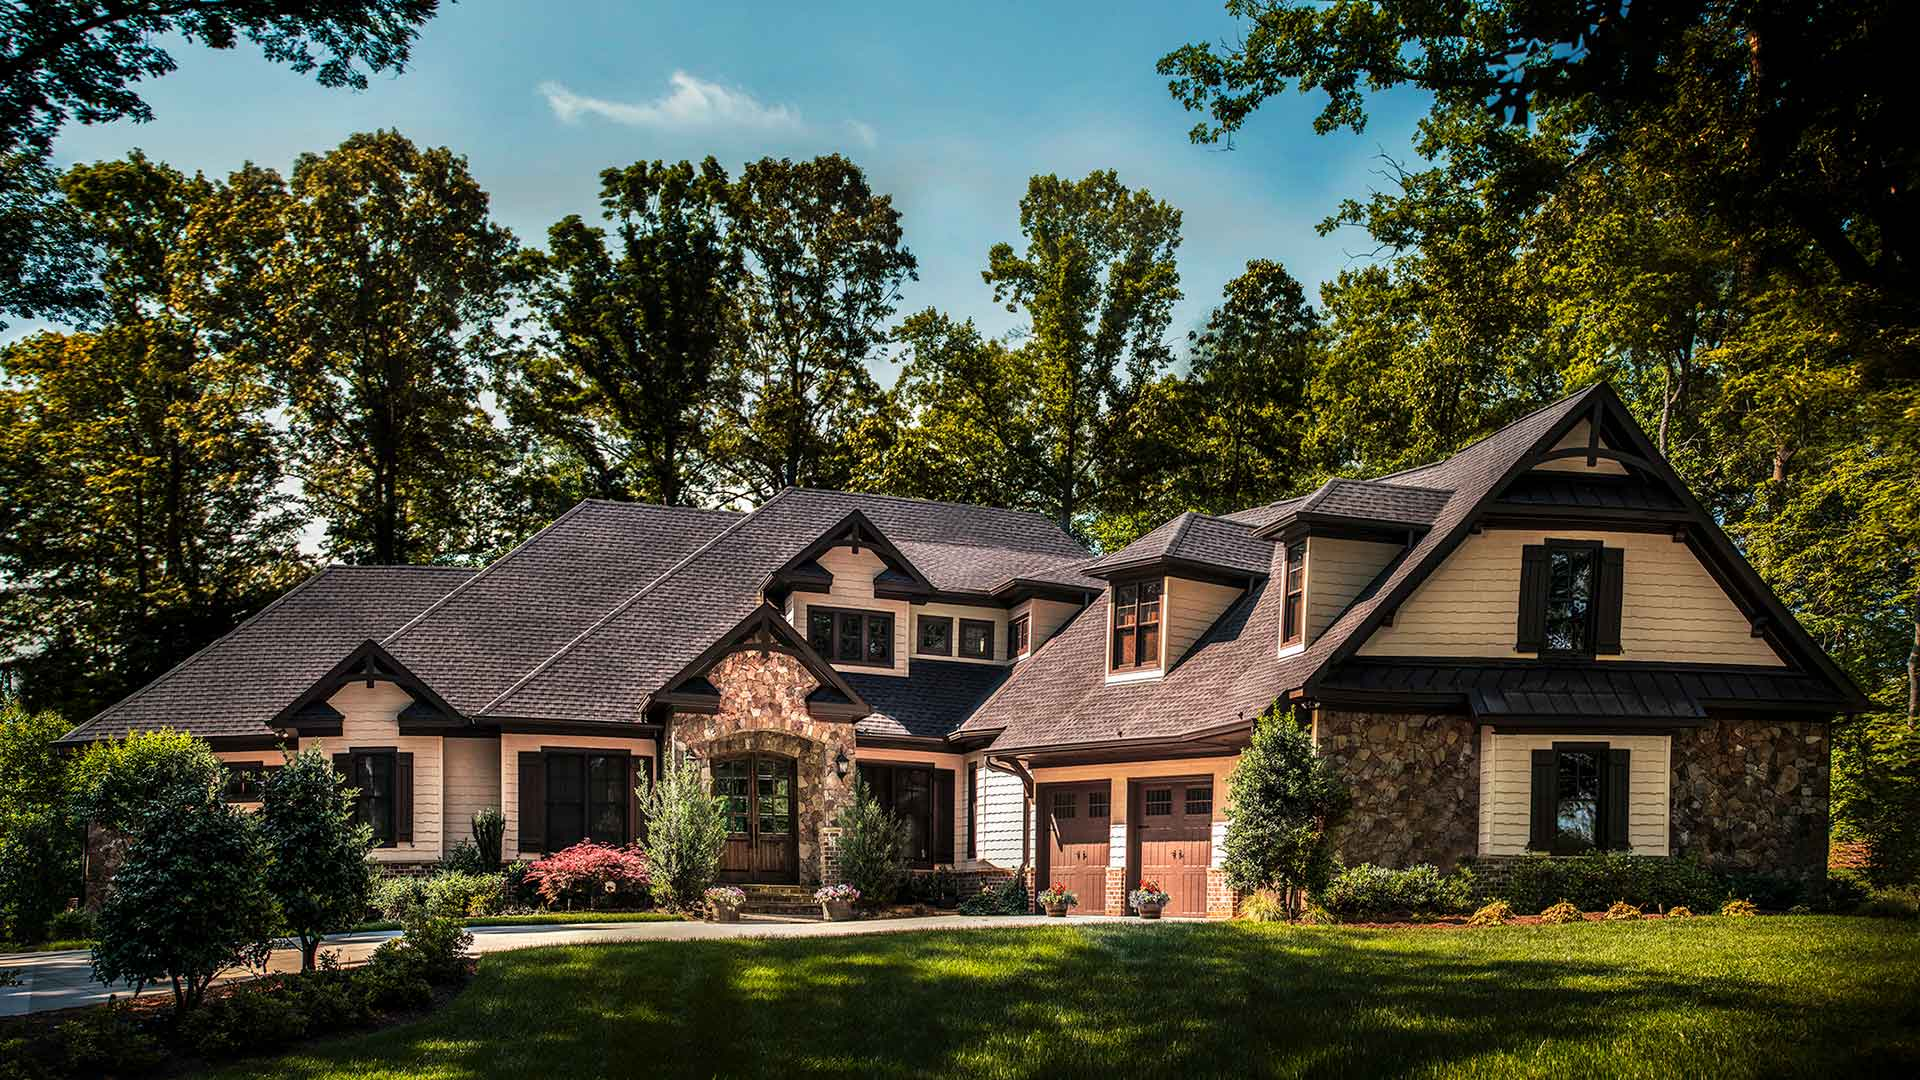 Keystone Building Group Custom Home Builders In Charlotte Nc